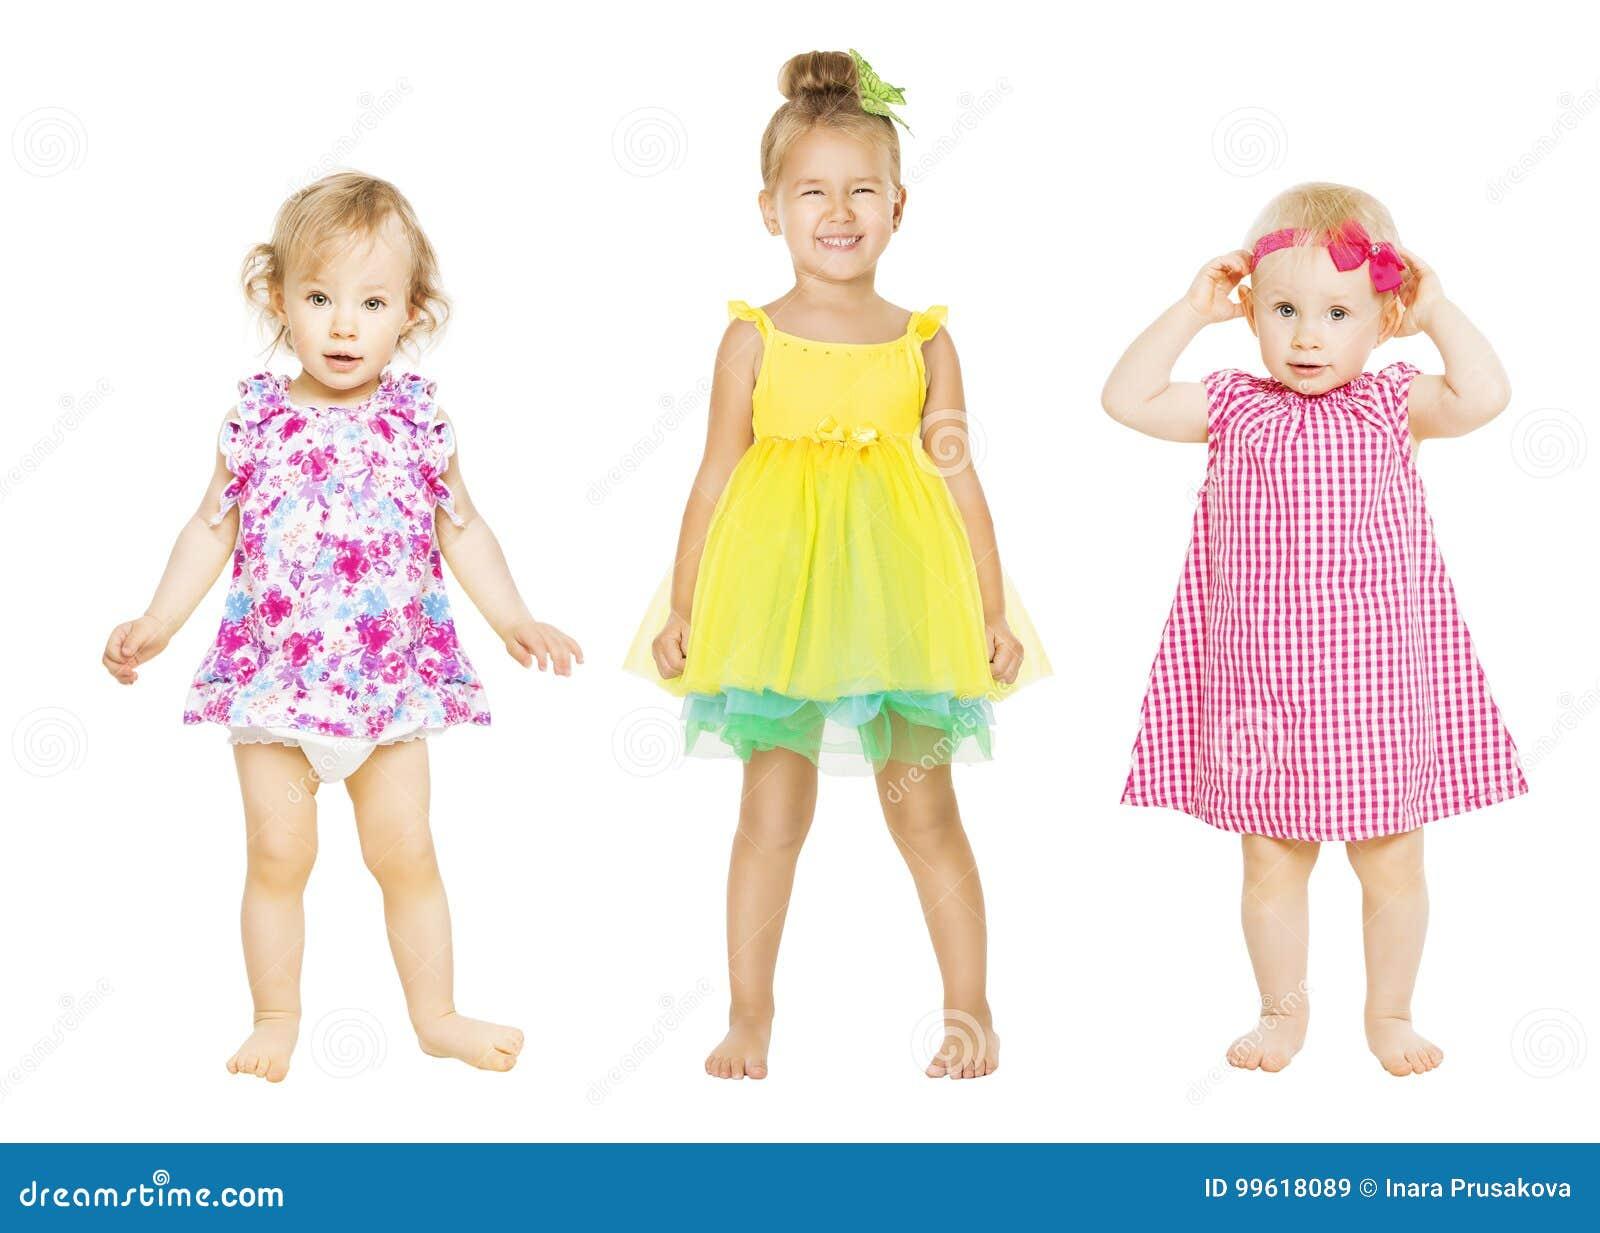 Behandla som ett barn flickor i klänning, ungar gruppen, litet barnbarn